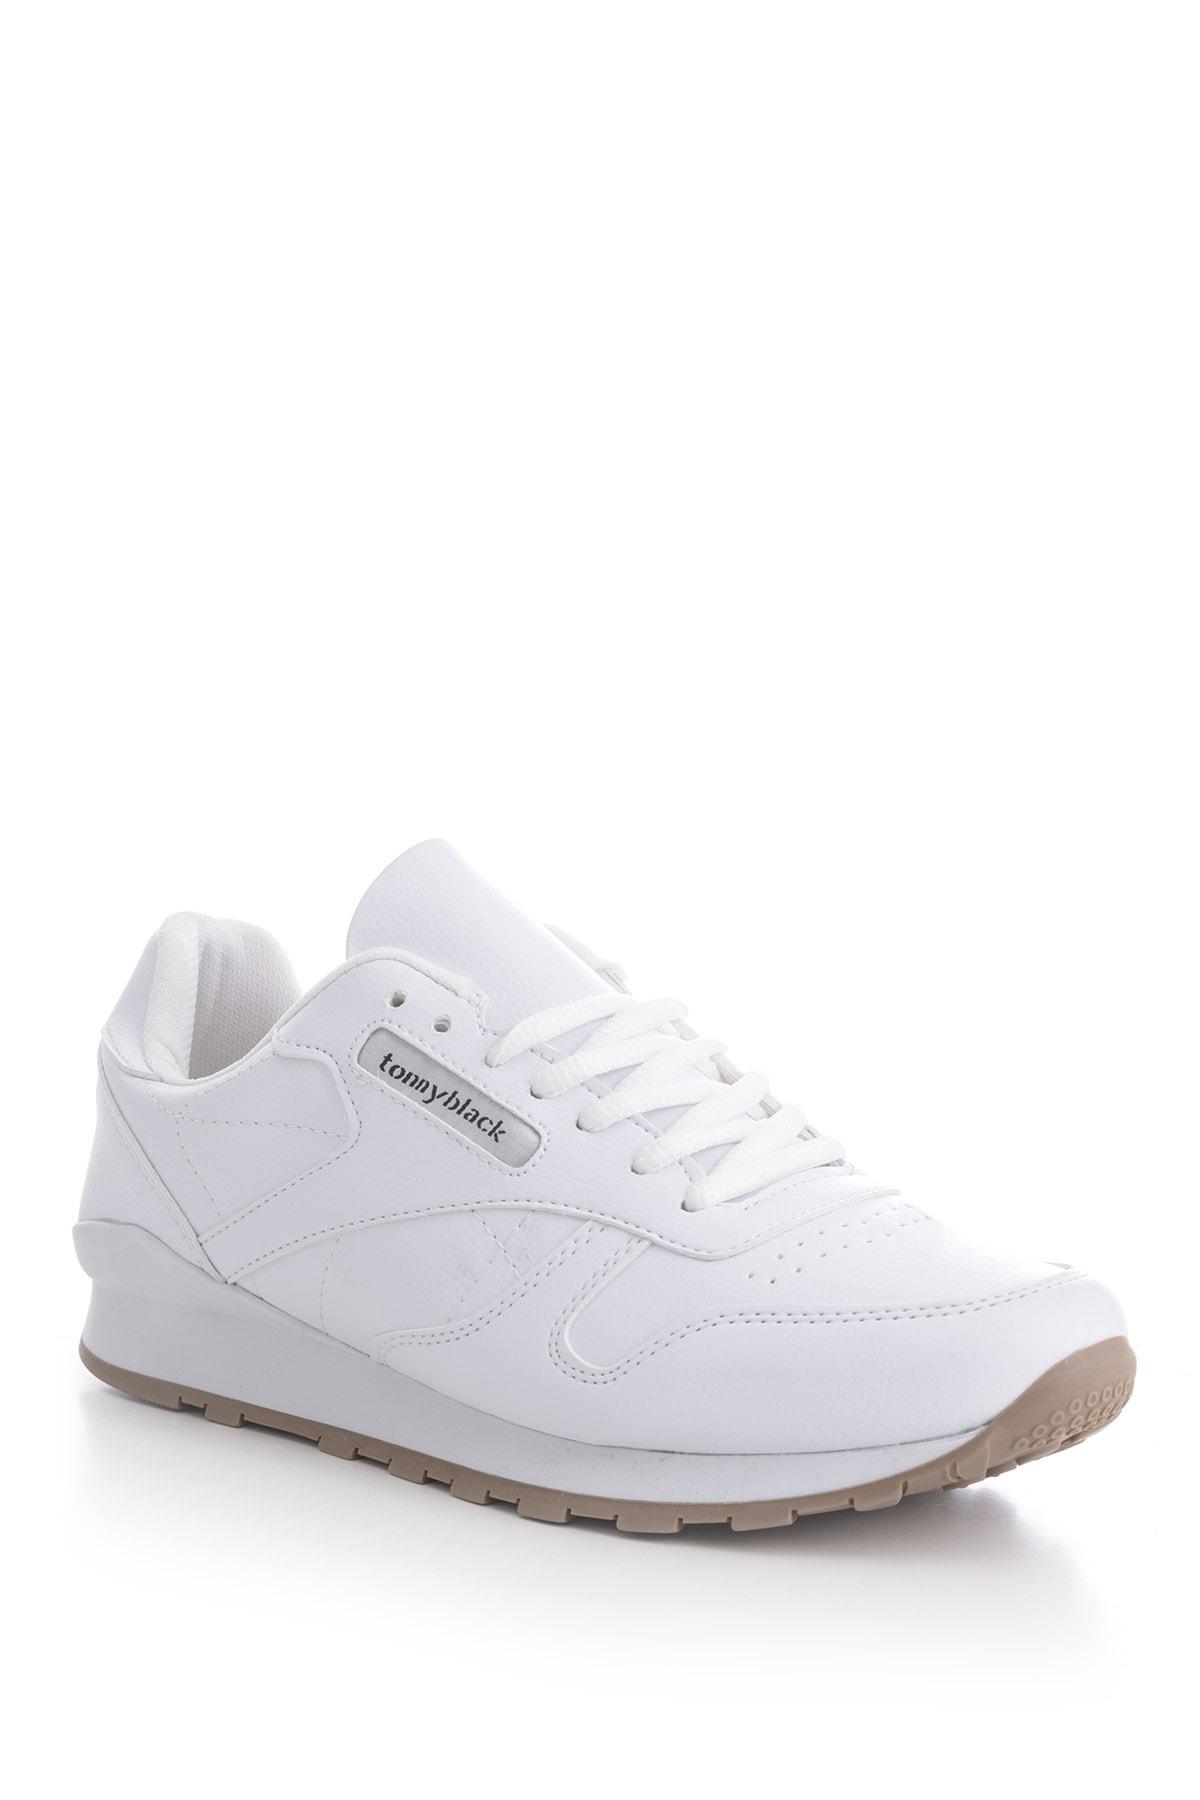 Unısex Spor Ayakkabı Beyaz Cilt V2106 -> 42 -> Beyaz